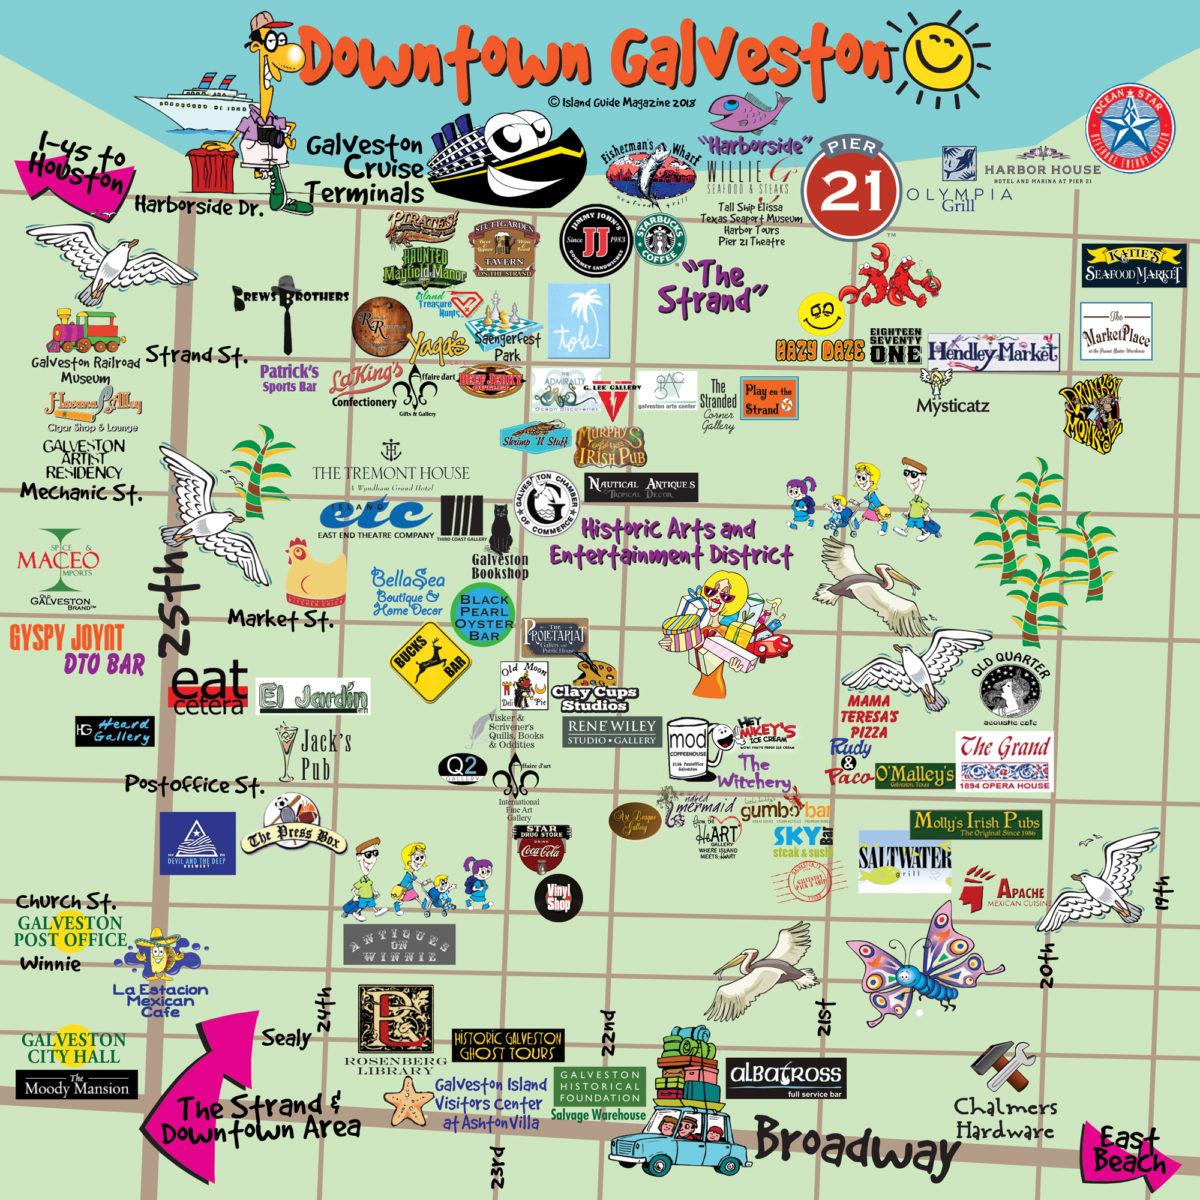 Galveston, Tx - Galveston Fun Maps - Galveston Island Guide - Map Of Galveston Texas